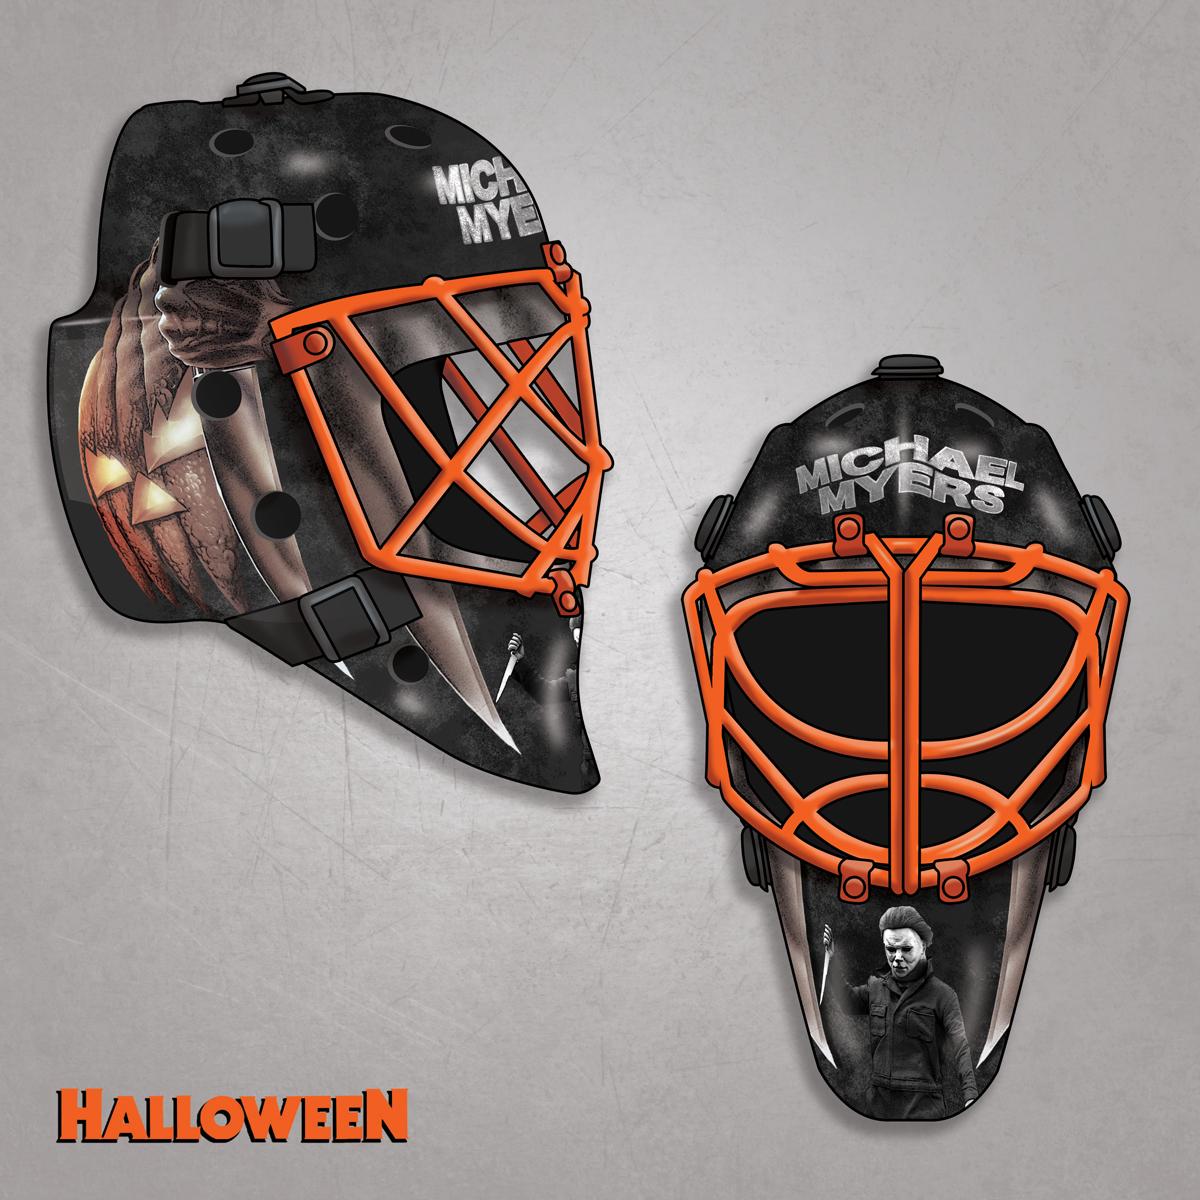 Horror Hockey Masks 12 Goalie Masks Inspired By Horror Movie